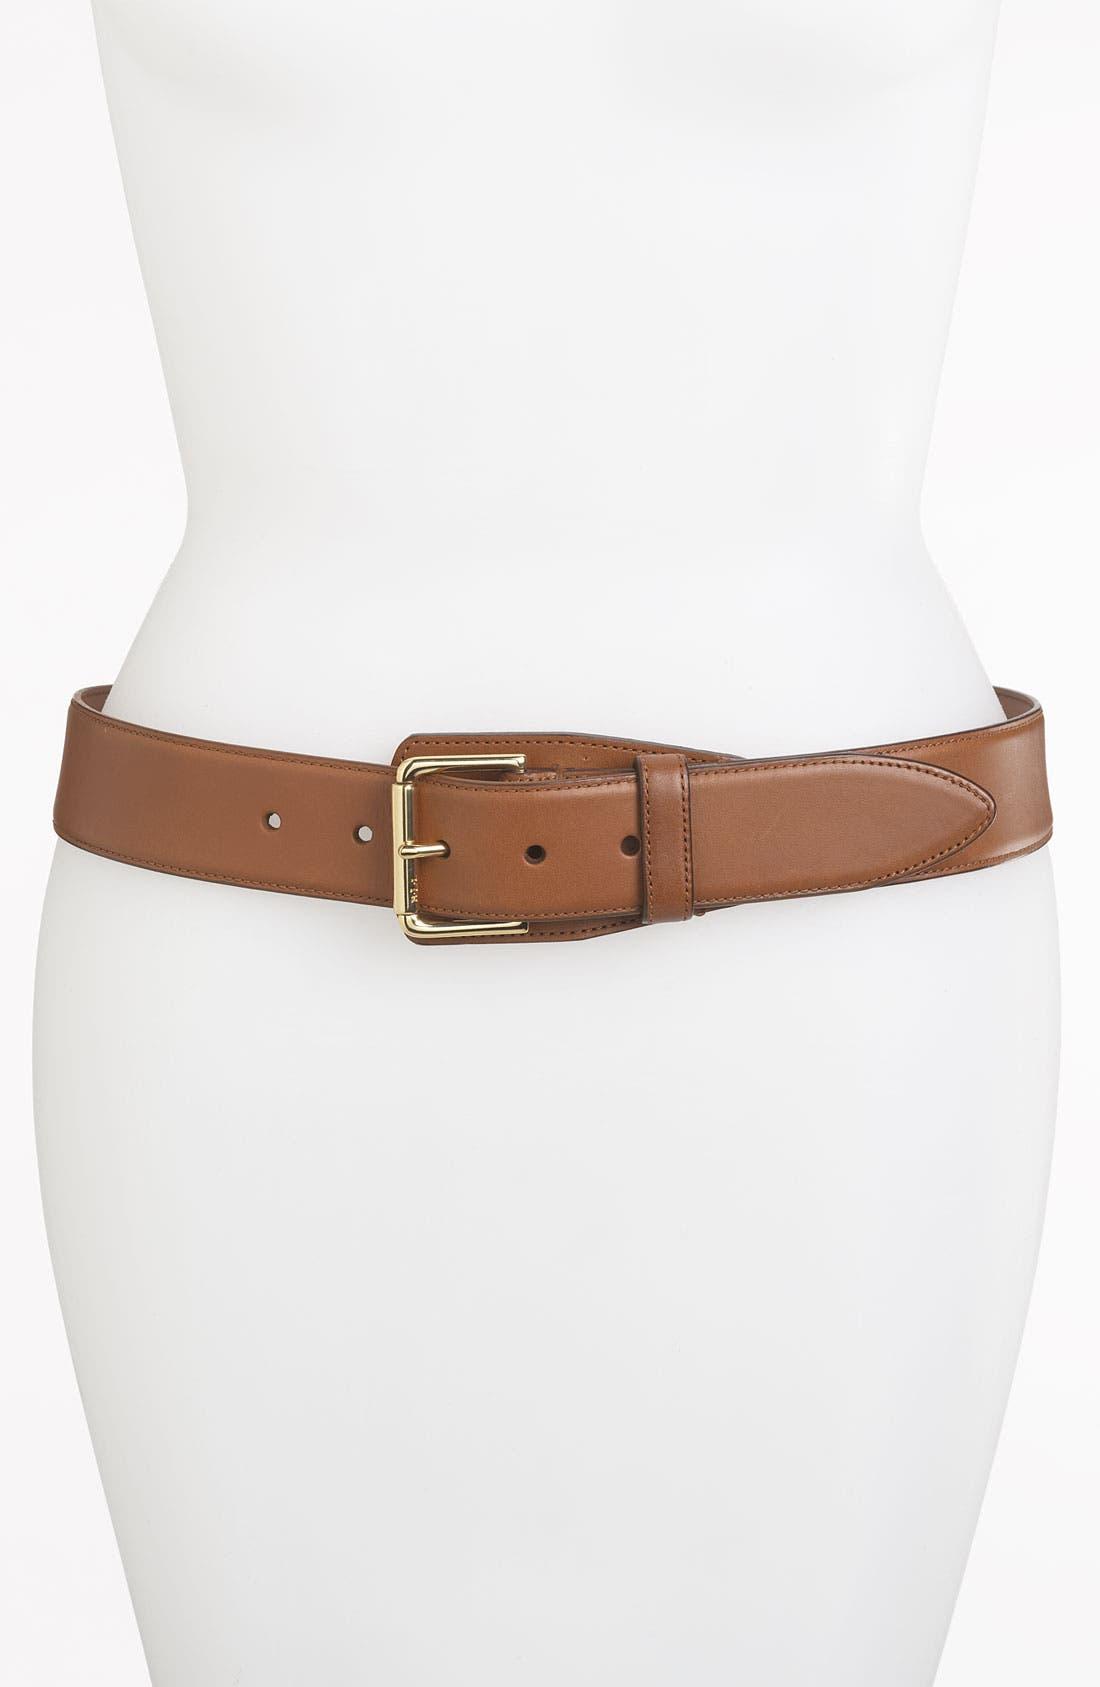 LAUREN RALPH LAUREN Vachetta Leather Belt, Main, color, 250